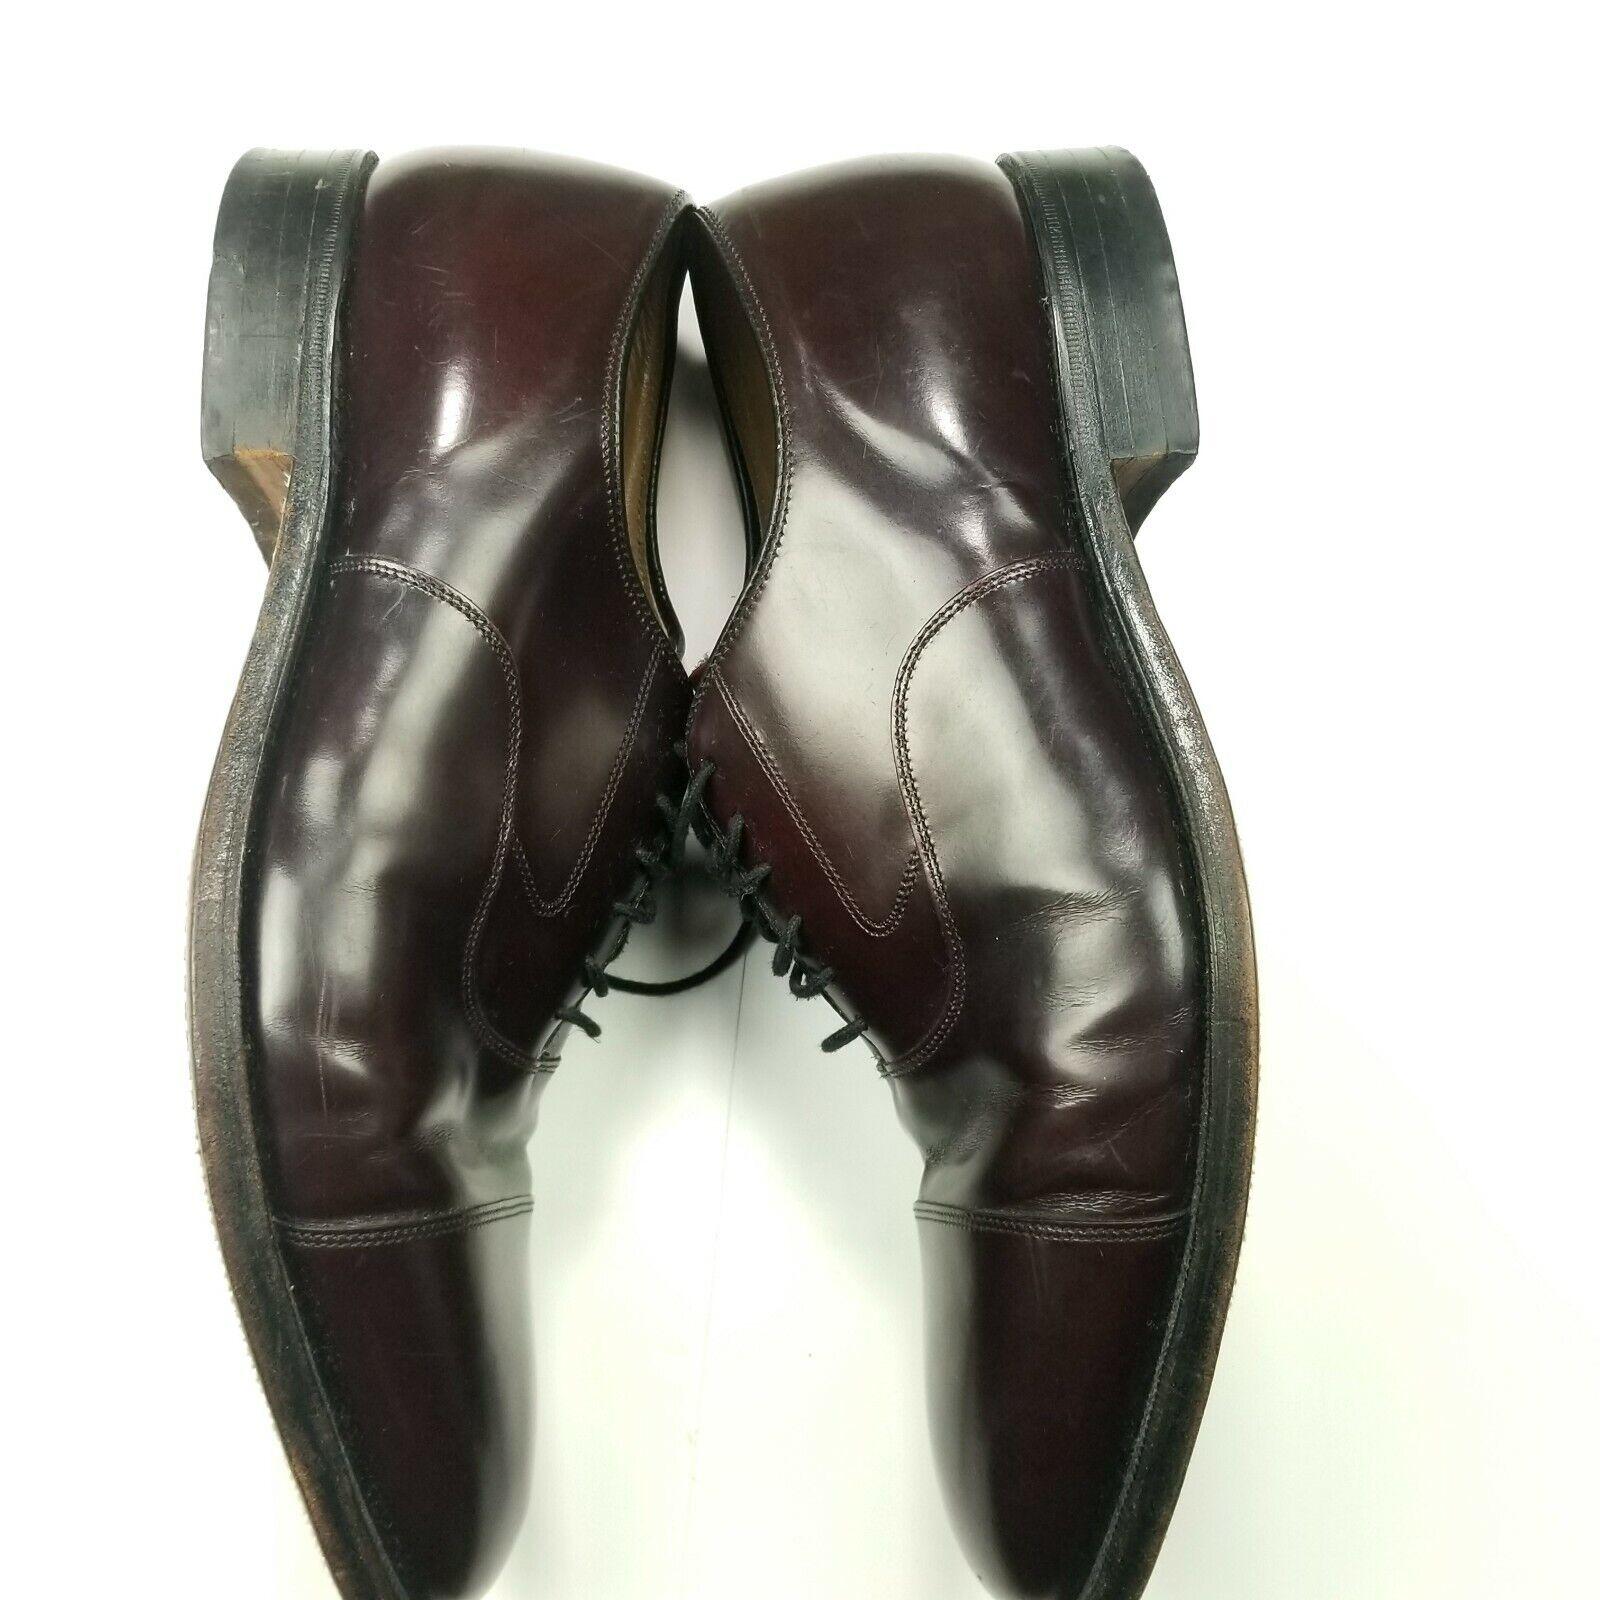 Johnston & Murphy Size 10.5 D/B Shoes Lace Up Brown Dress Shoes Mens